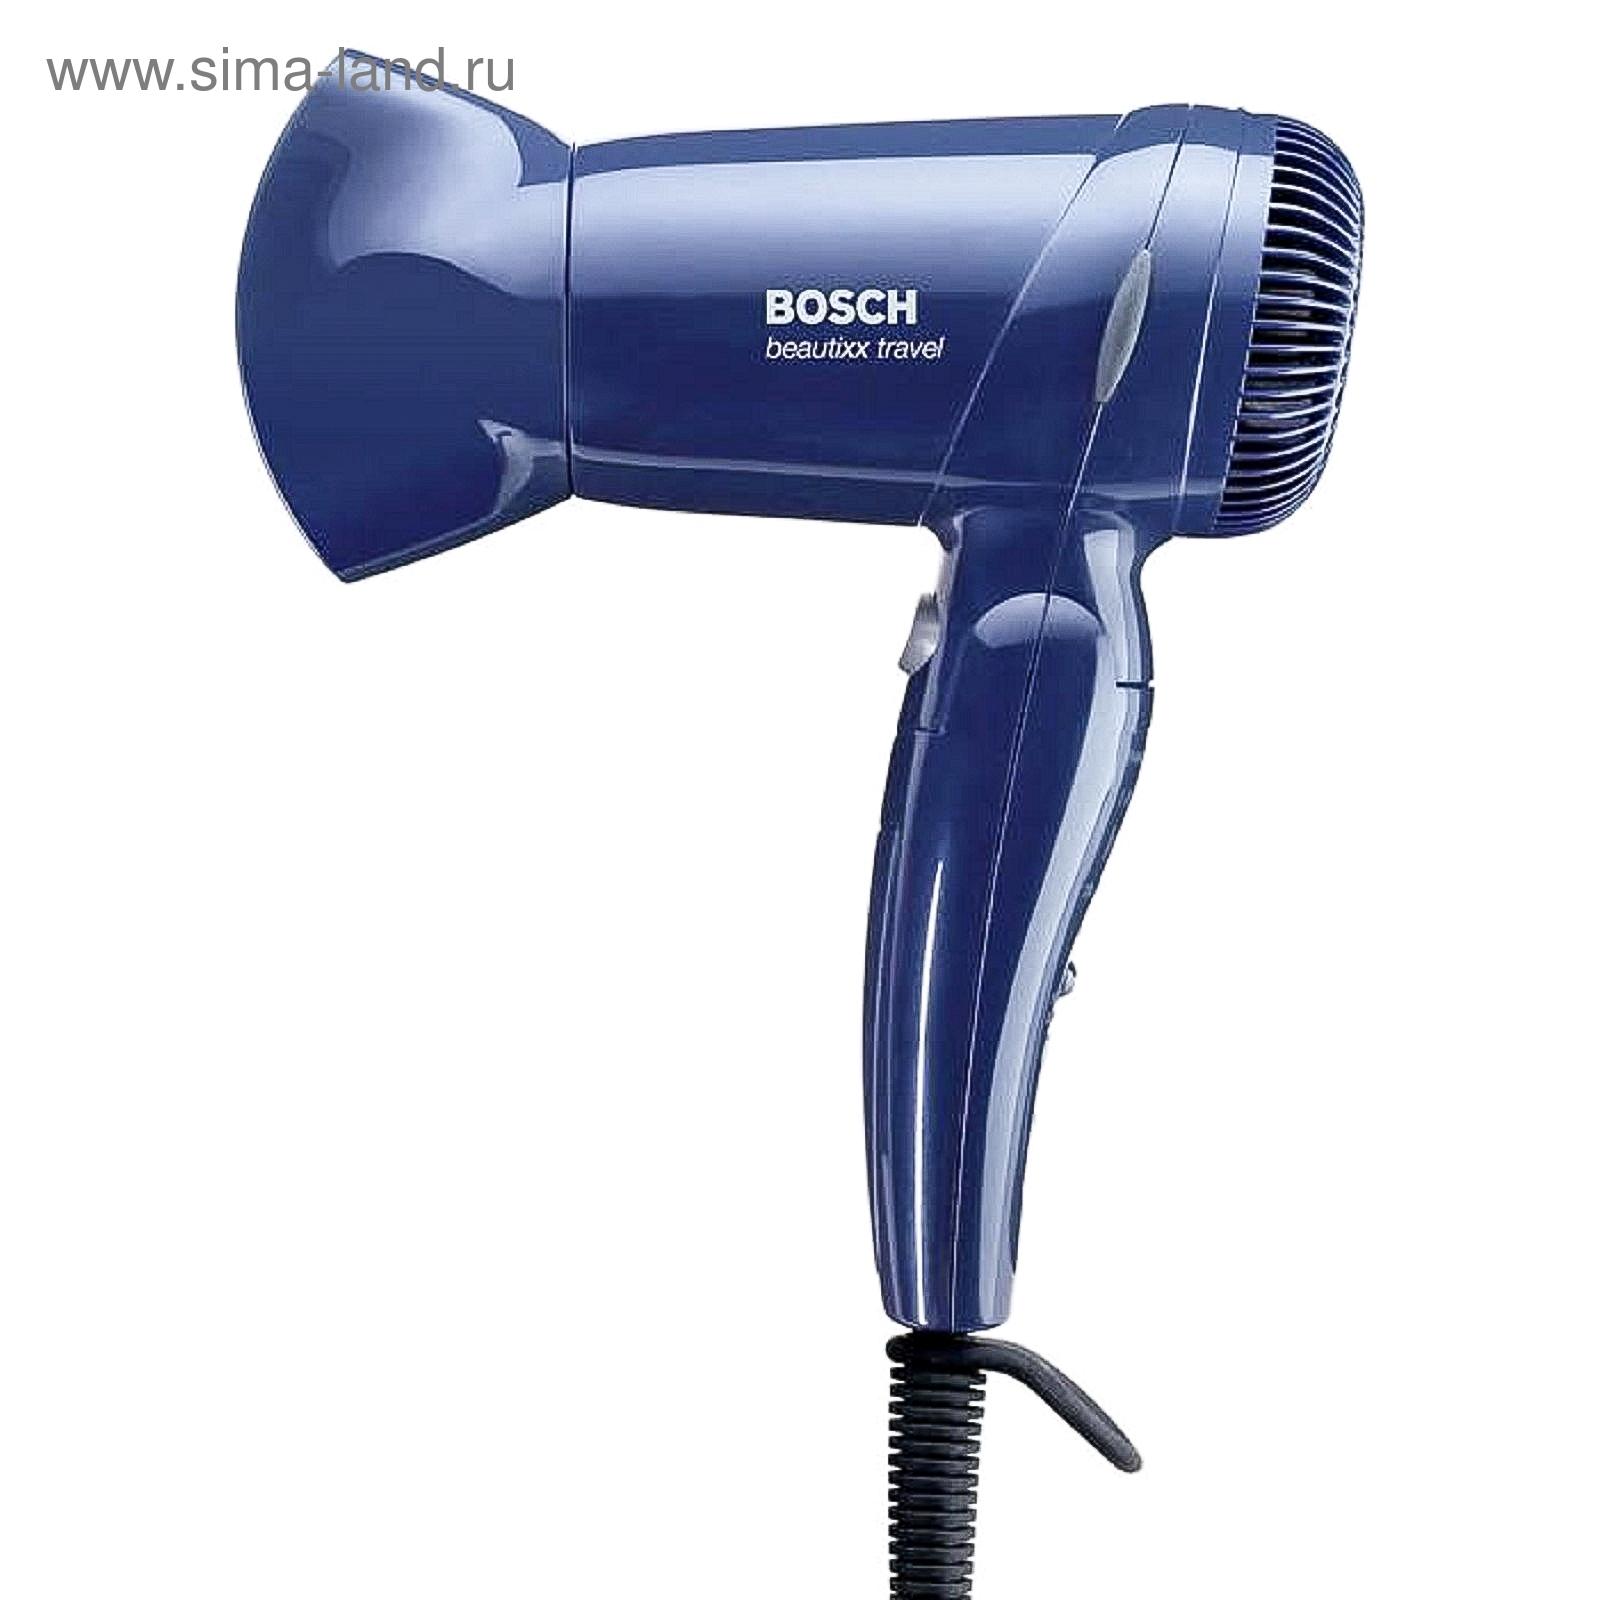 Фен Bosch PHD1100 c56dc886be0b2